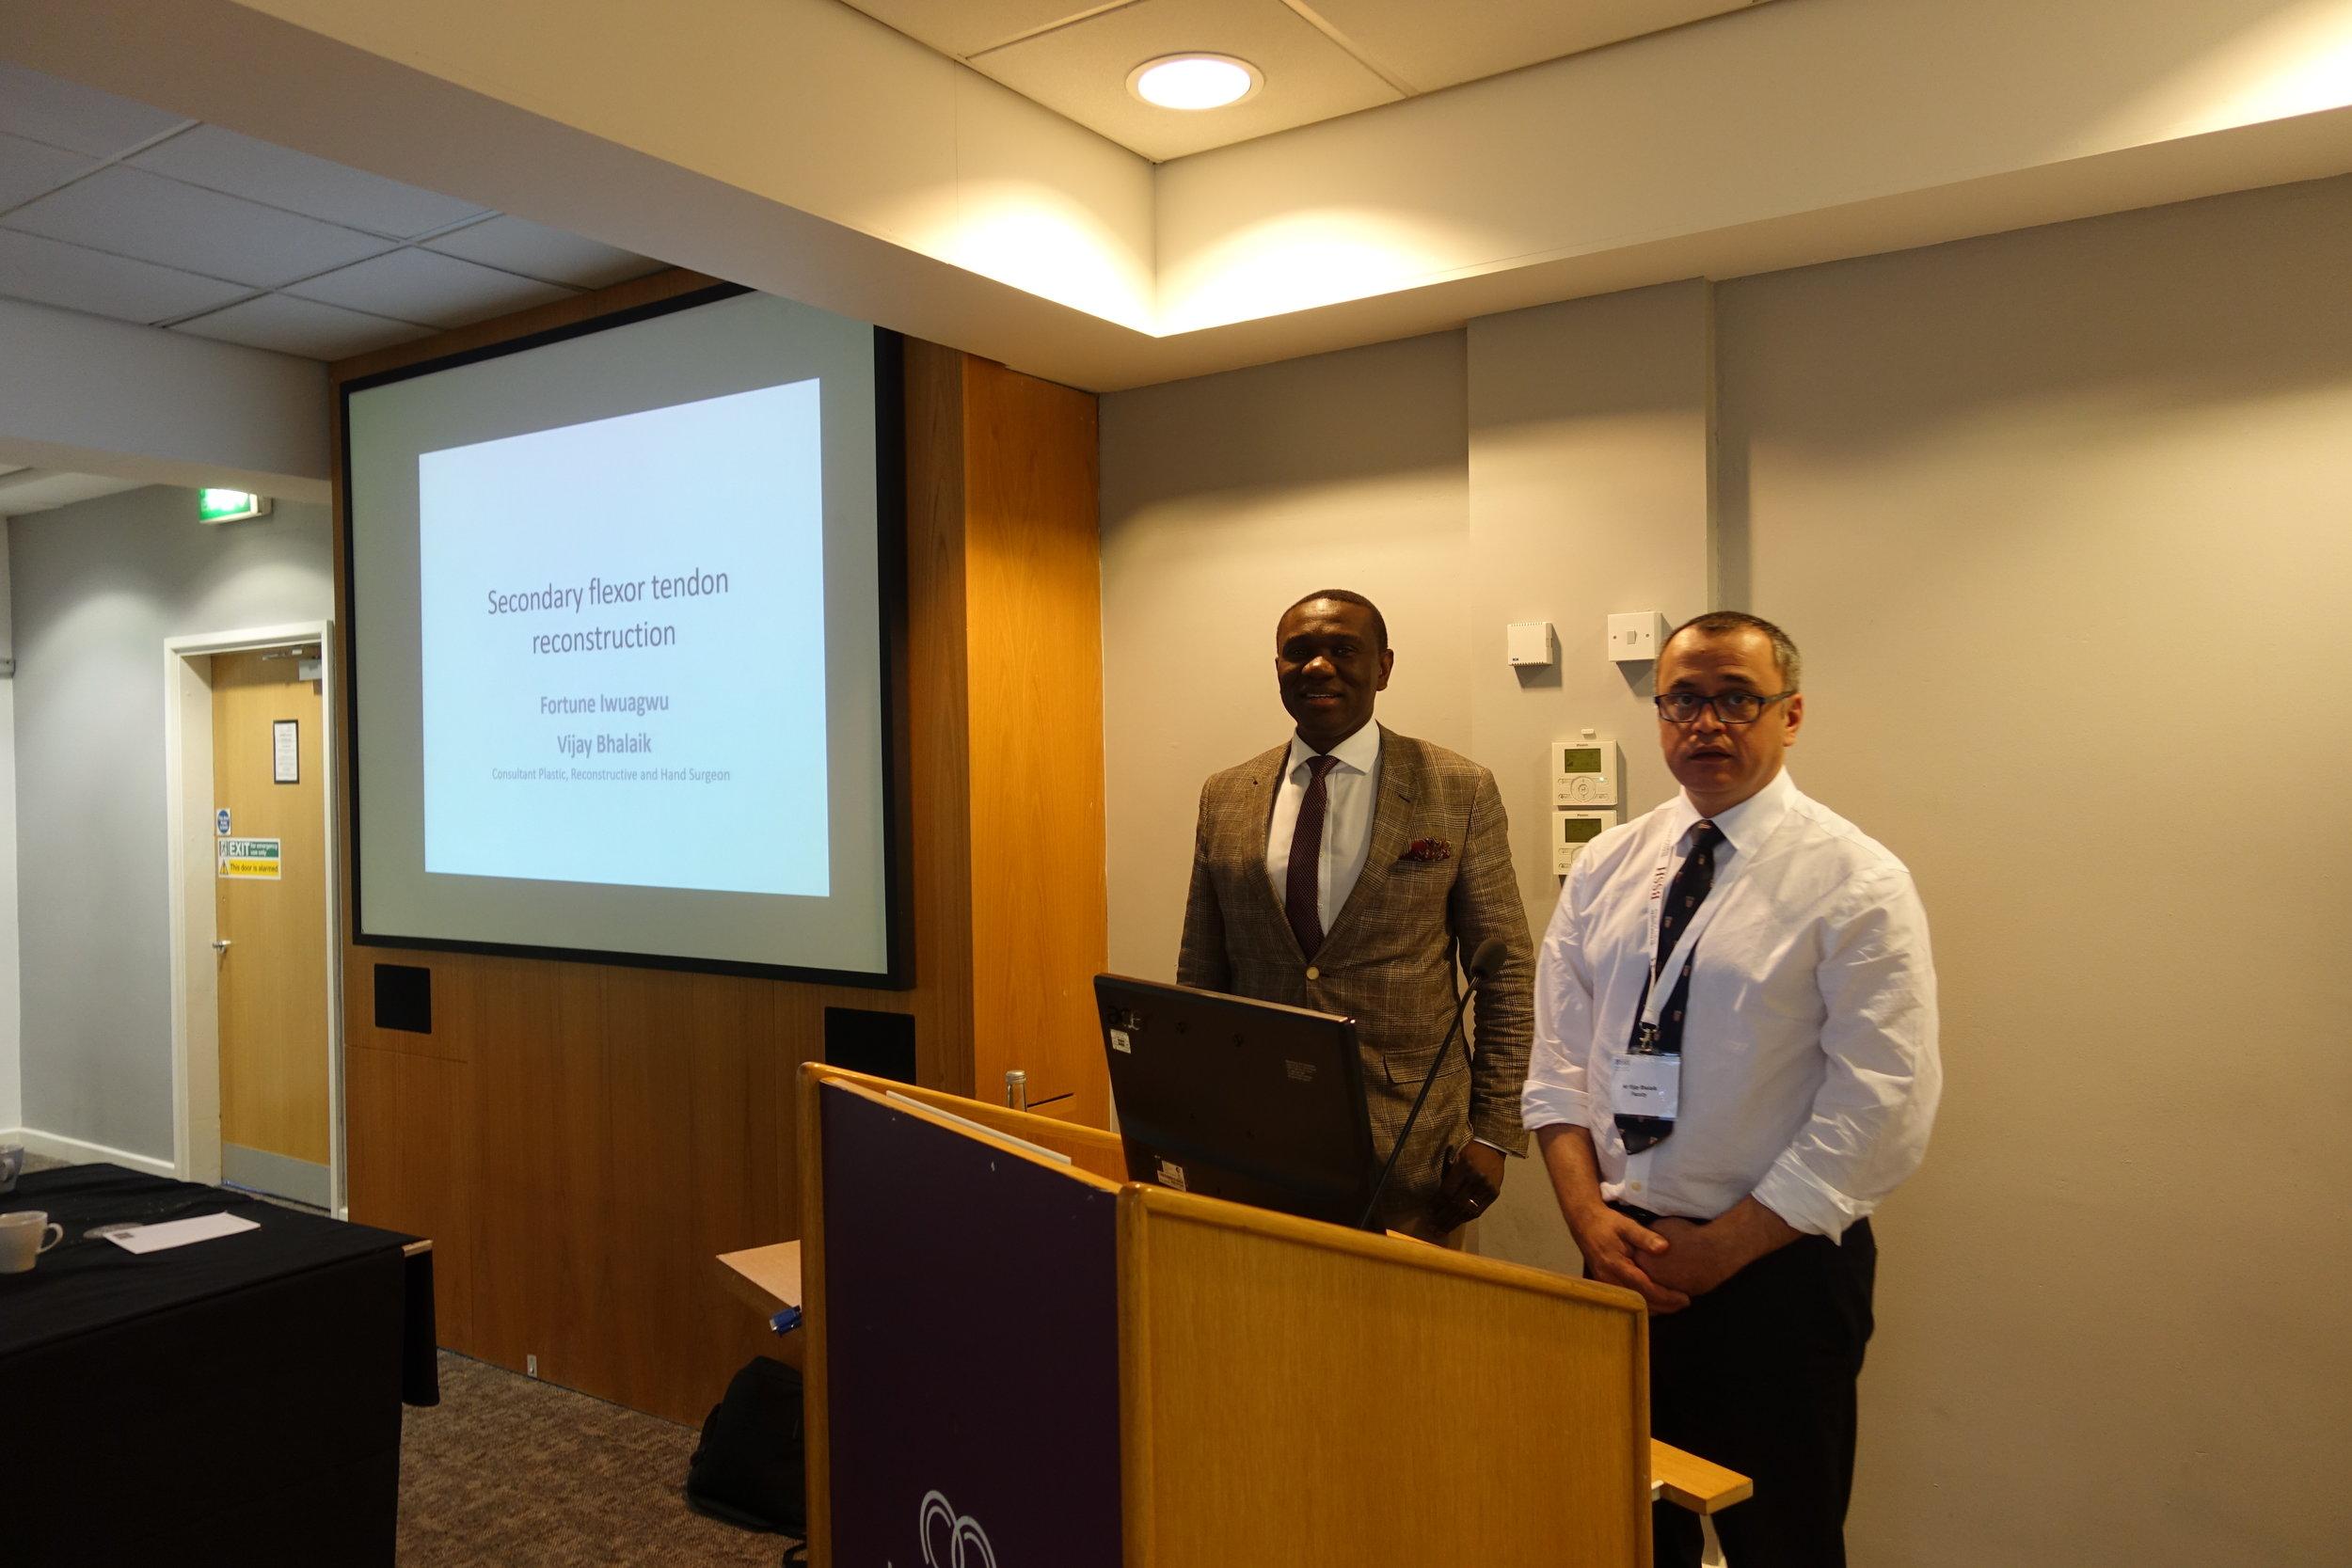 Mr Fortune Iwuagwu and Mr Vijay Bhalaik